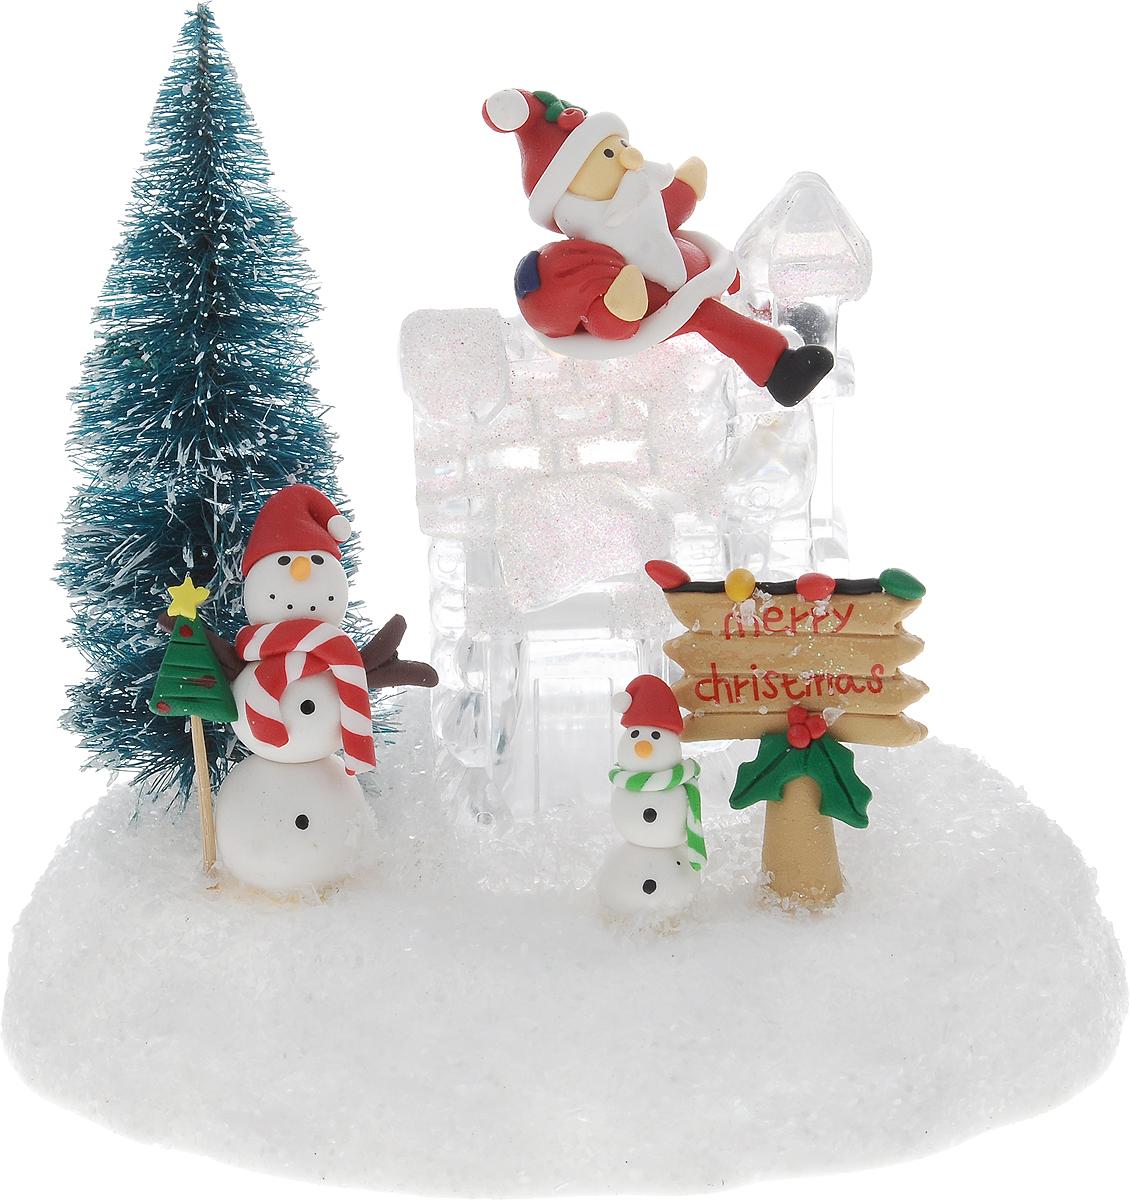 Светильник новогодний Win Max Ледяной домик, 15 х 11 х 18 см119894Декоративный мини-светильник Win Max Ледяной домик, изготовленный из пластика и акрила и оснащенный одной LED лампами. Он прекрасно оформит интерьер вашего дома или офиса в преддверии Нового года. Оригинальный дизайн и красочное исполнение создадут праздничное настроение. Кроме того, это отличный вариант подарка для ваших близких и друзей.Светильник работает от 2 батареек типа AАA (не входят в комплект).